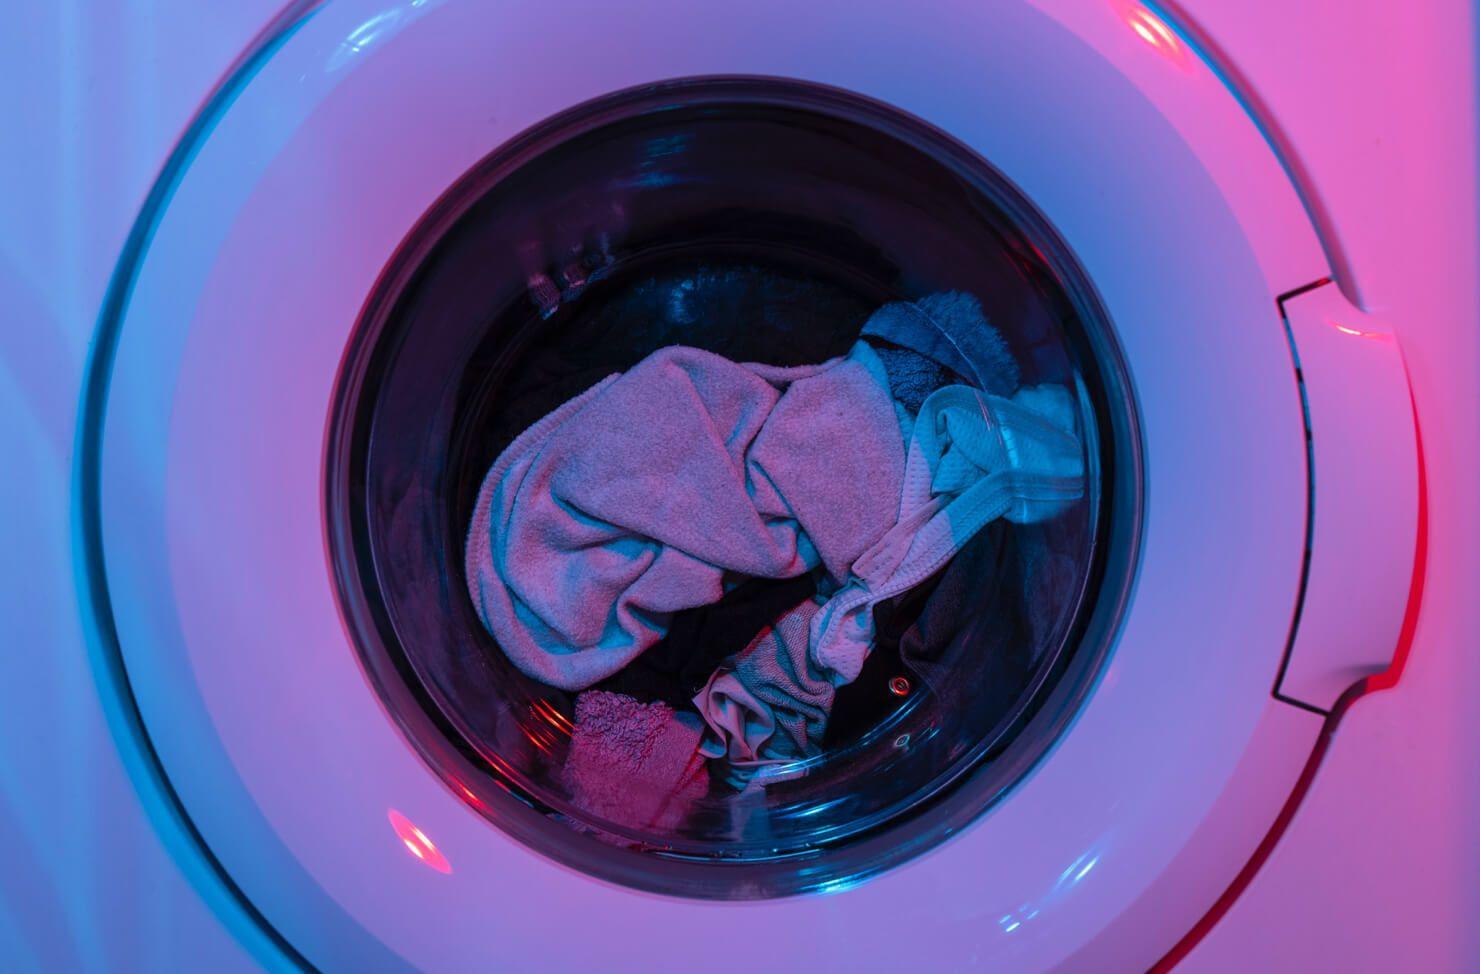 Disposal of Washing Machine for Free